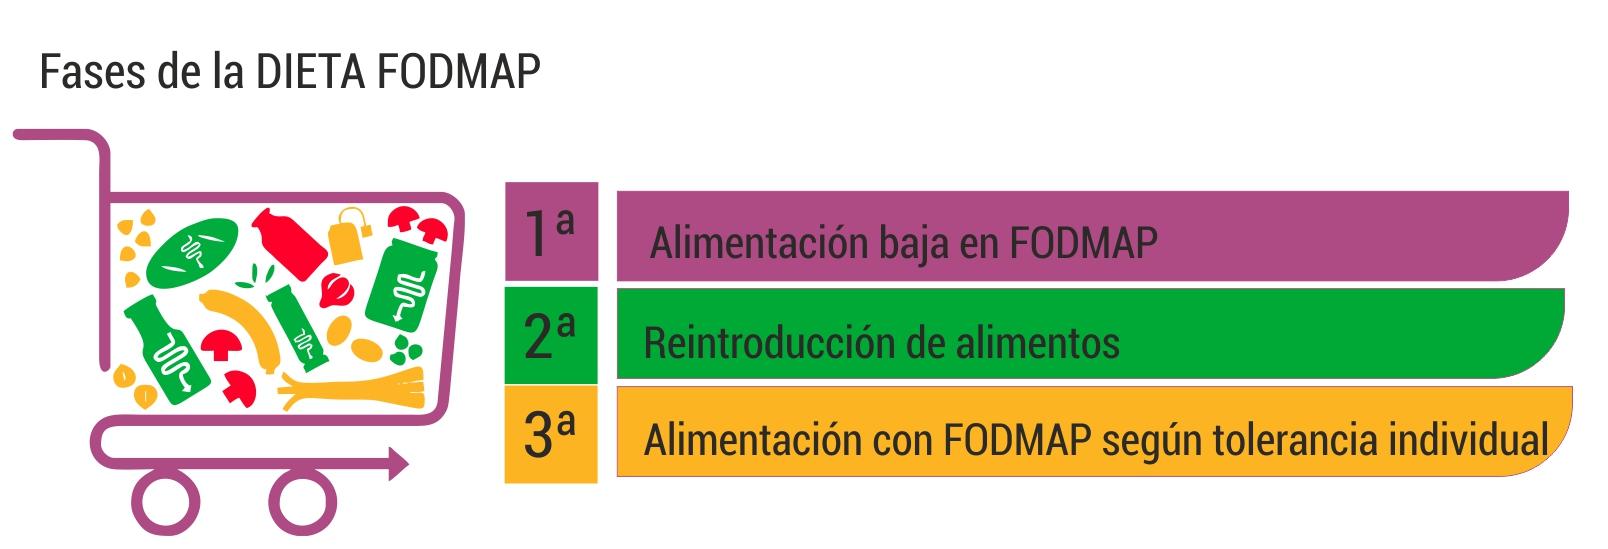 Resultado de imagen de fases fodmaps